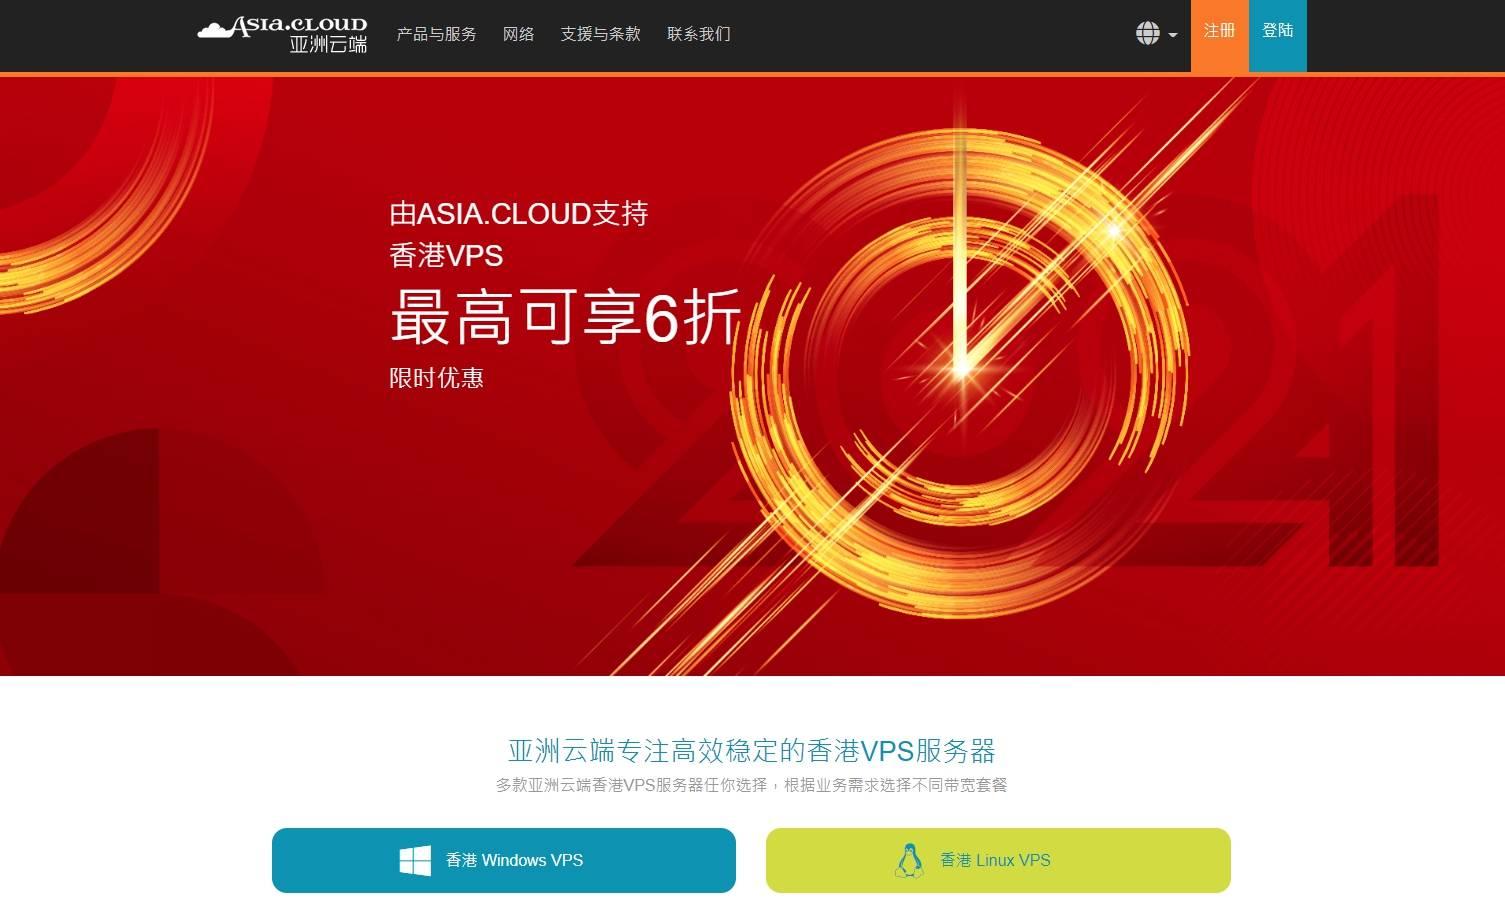 亚洲云端Asia.Cloud香港VPS,新用戶最高6折,三网直连线路,可选Windows